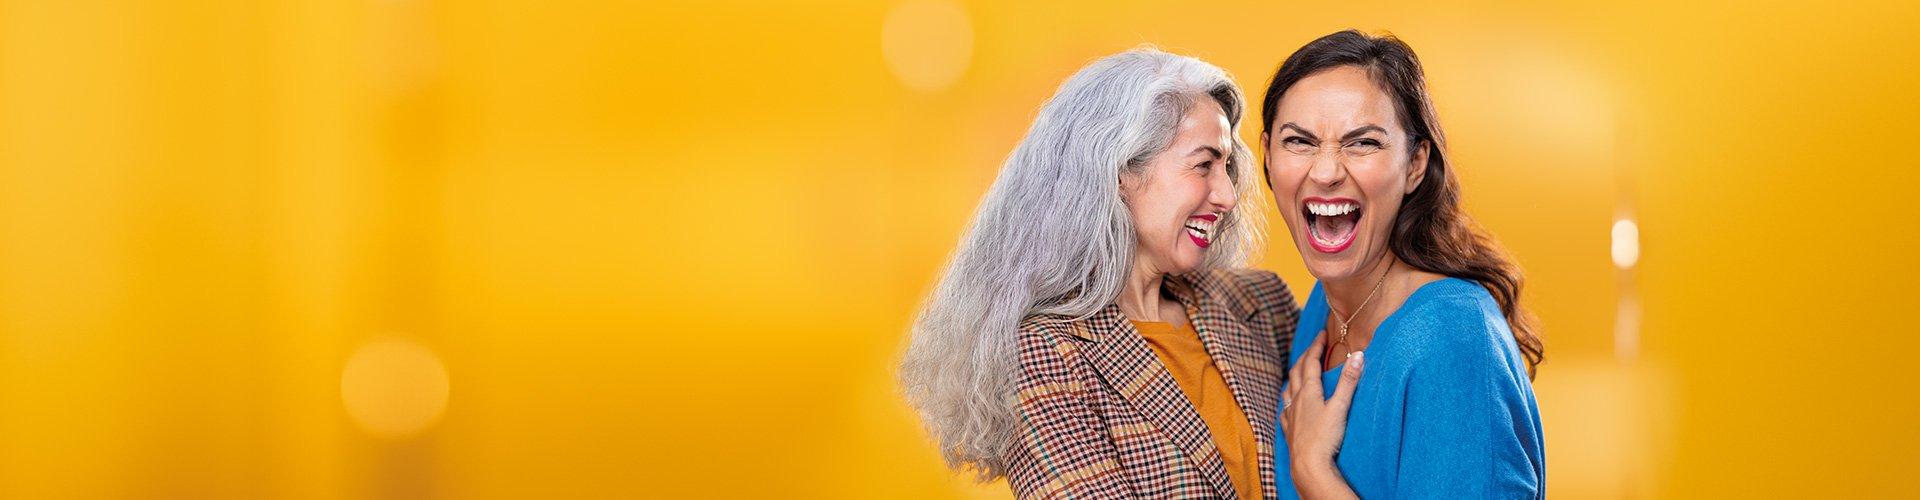 Twee vrouwen van middelbare leeftijd knuffelen elkaar. Eén draagt Philips HearLink in-het-oor hoortoestellen.